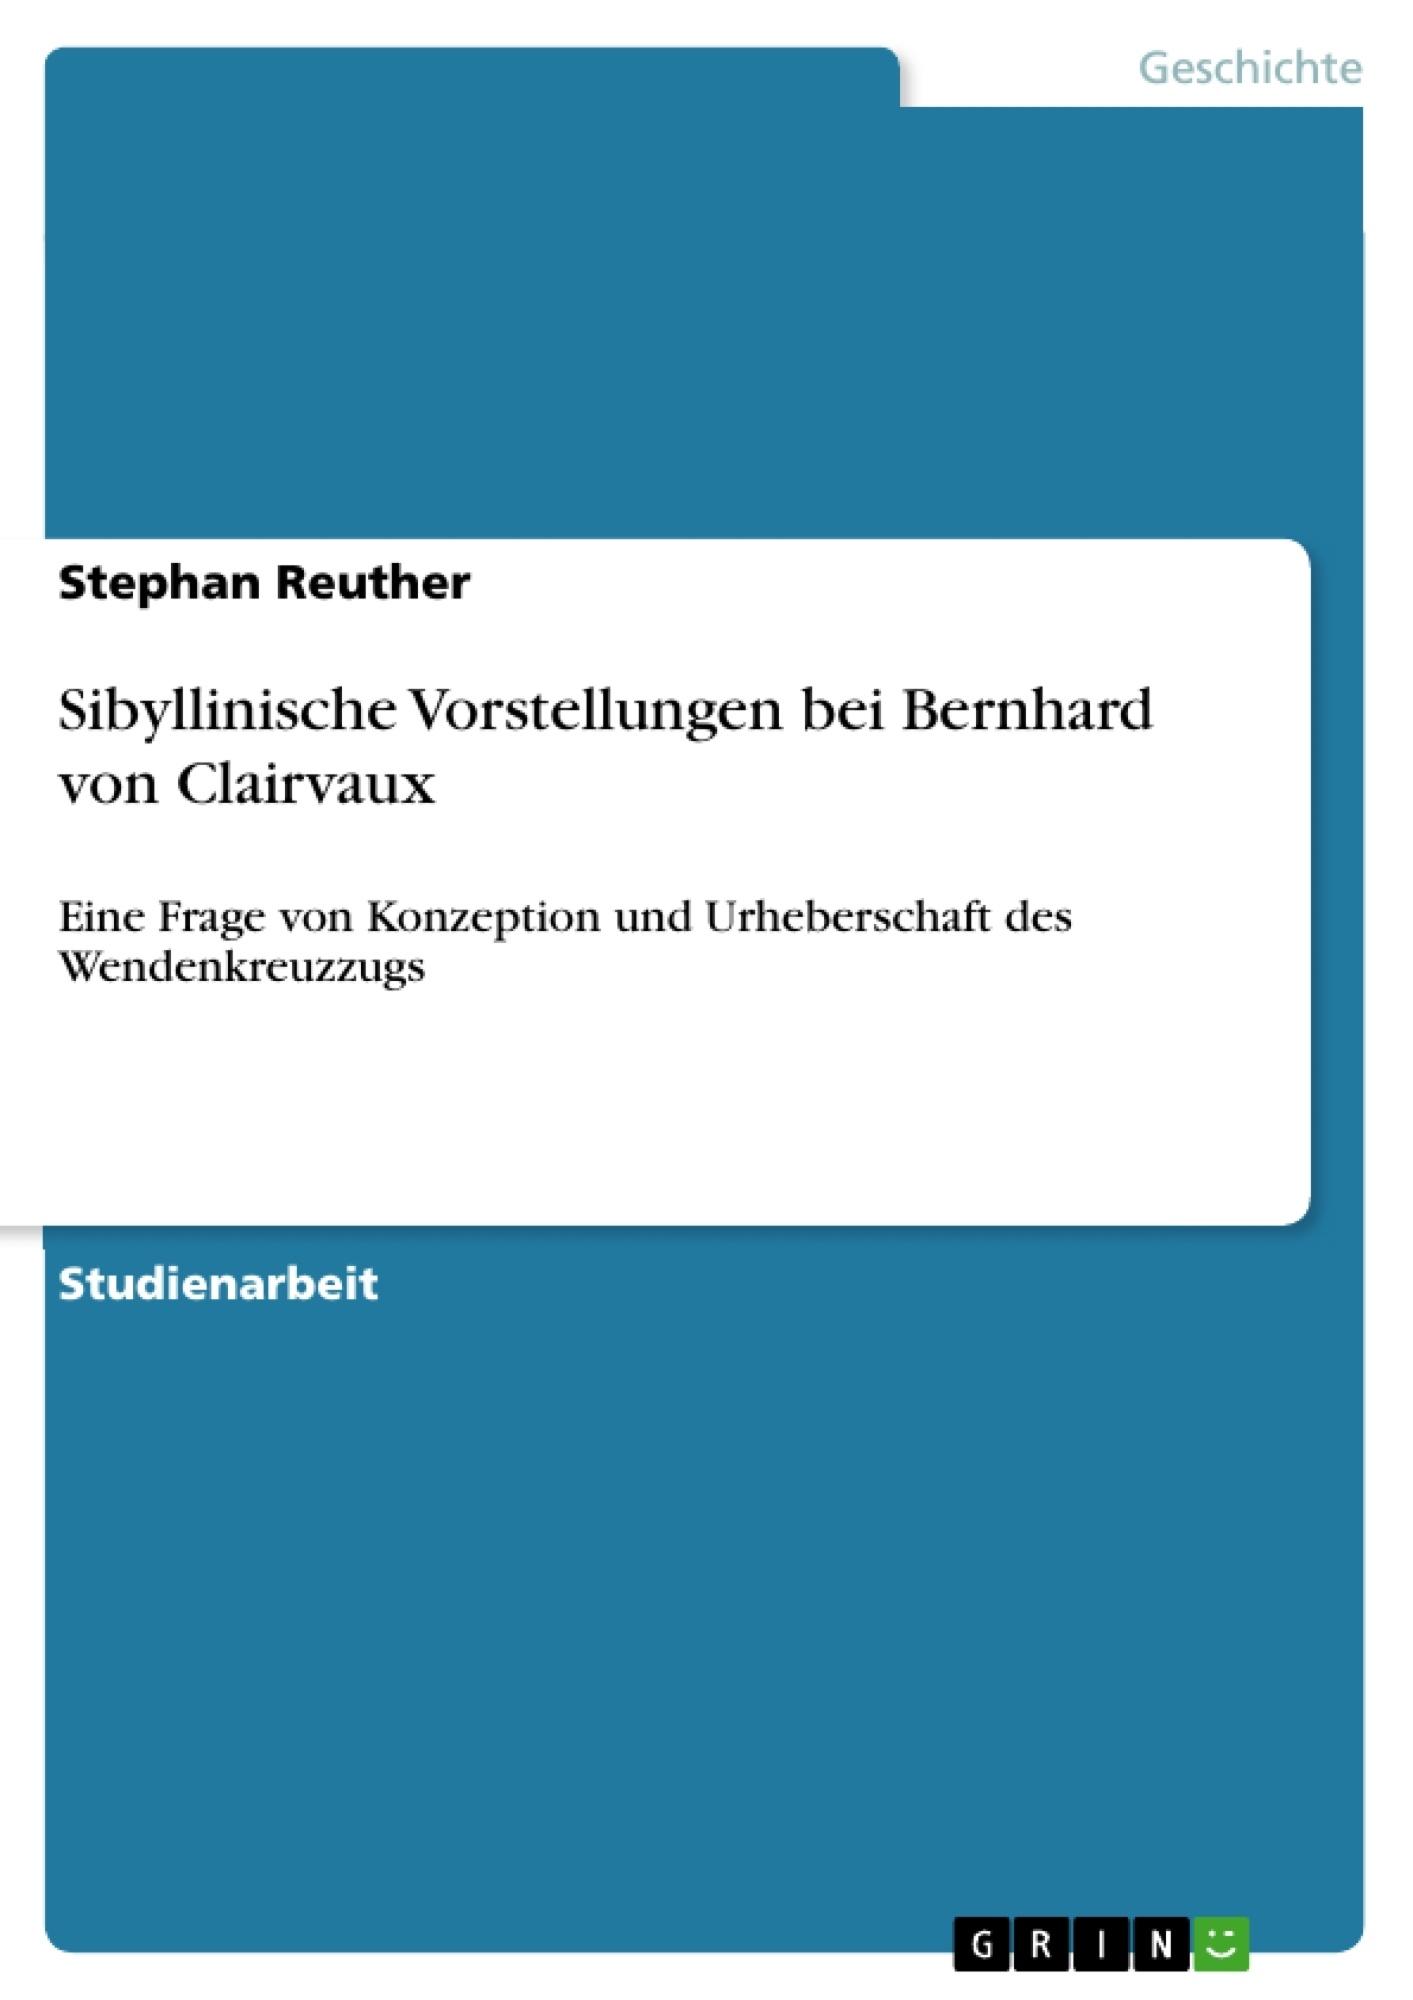 Titel: Sibyllinische Vorstellungen bei Bernhard von Clairvaux